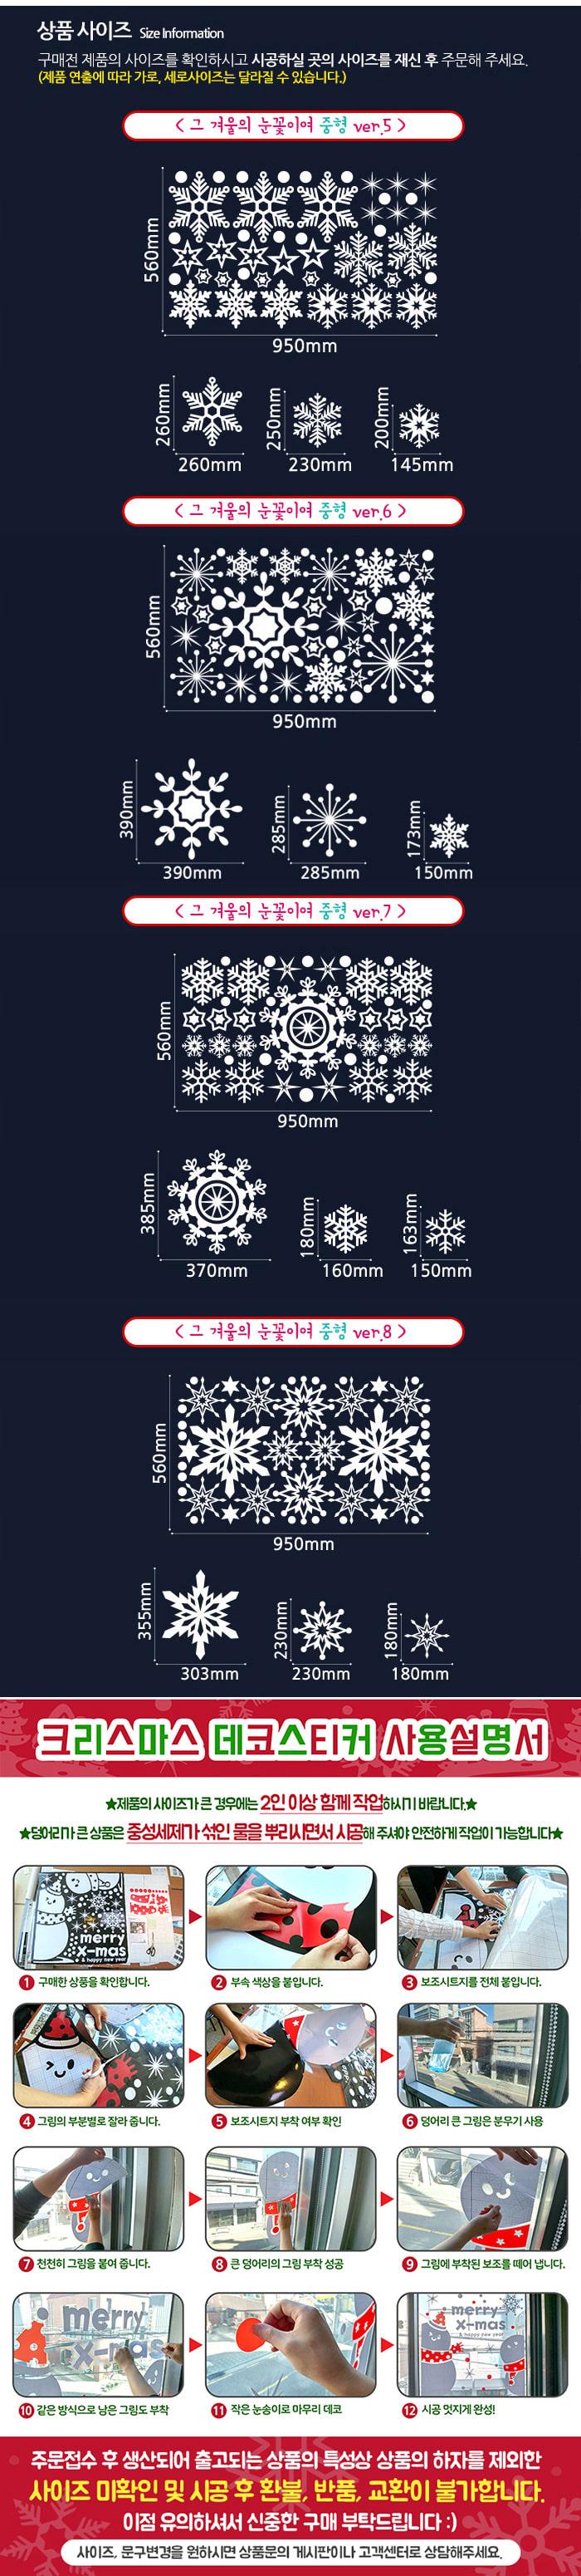 제제데코 크리스마스 시트지 눈꽃 스티커 19CMJS5124 - 제제데코, 14,250원, 월데코스티커, 계절/시즌